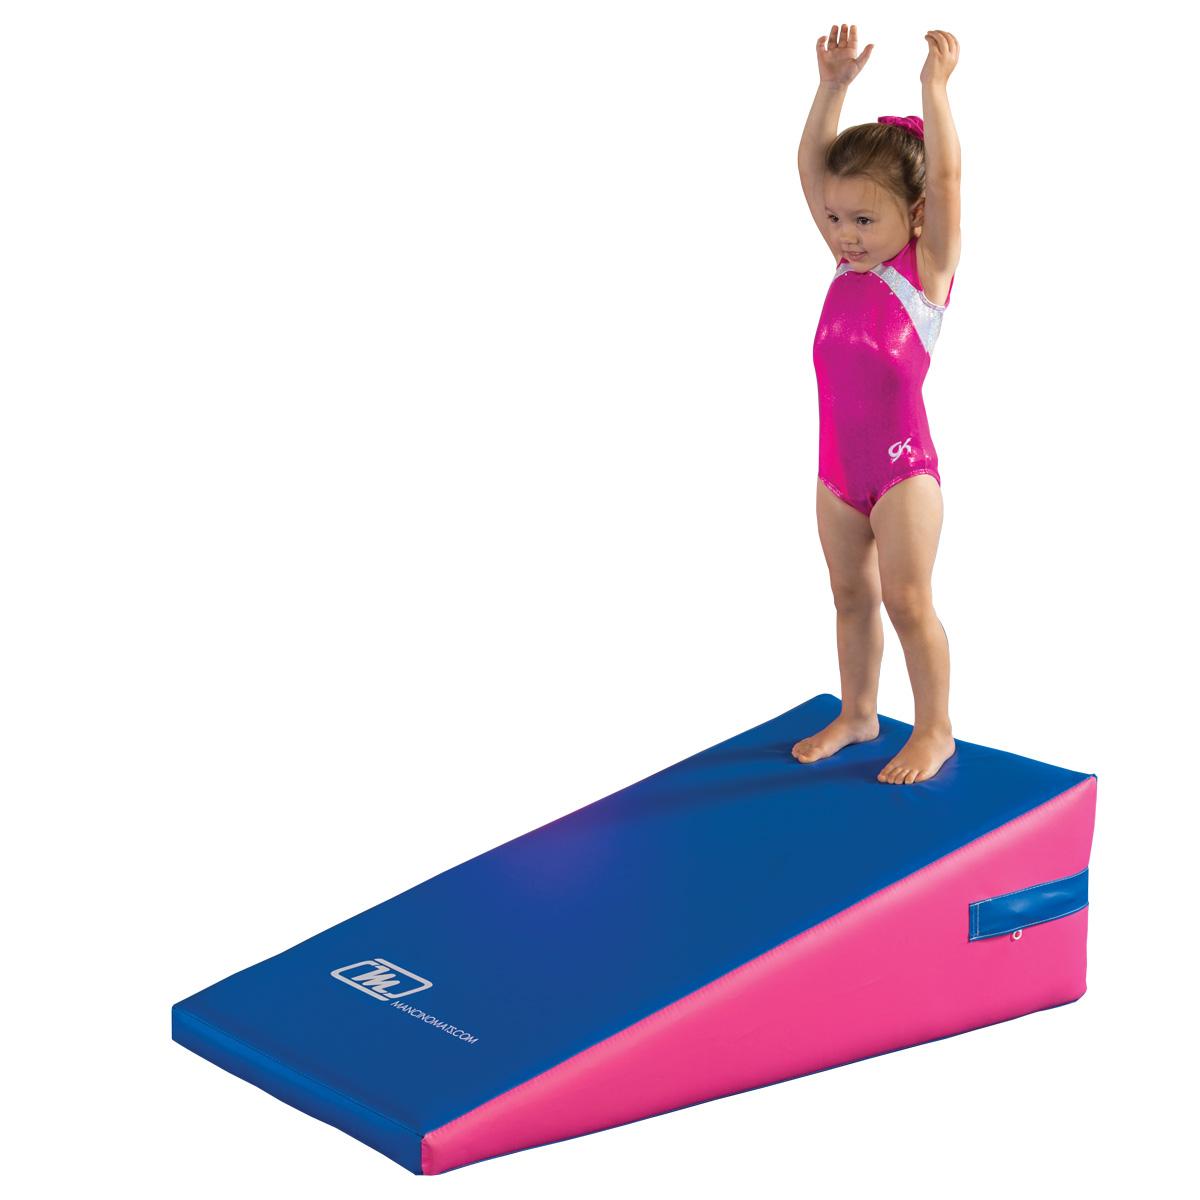 preschool incline wedge mat - Mancino Mats